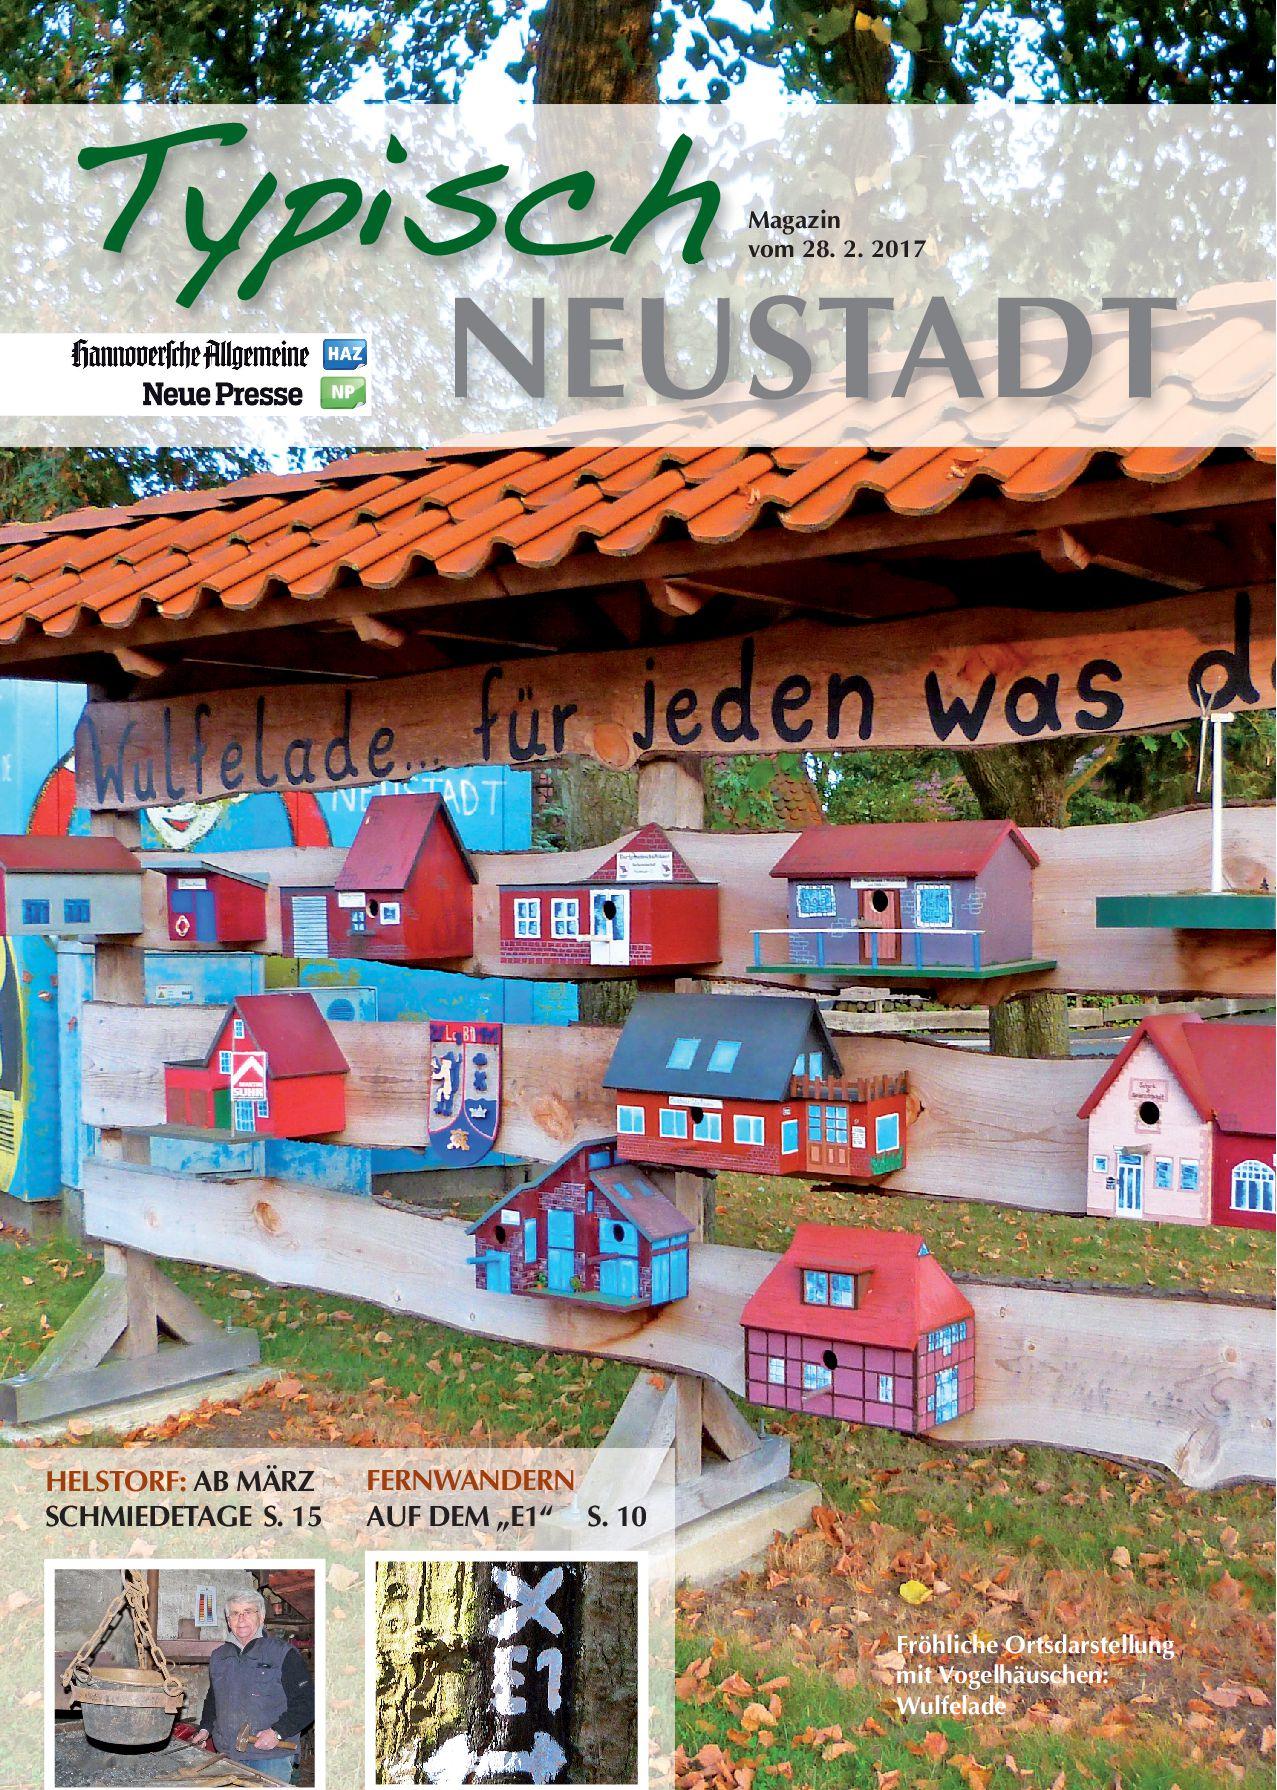 neustadt-nr-2-vom-28-02-2017